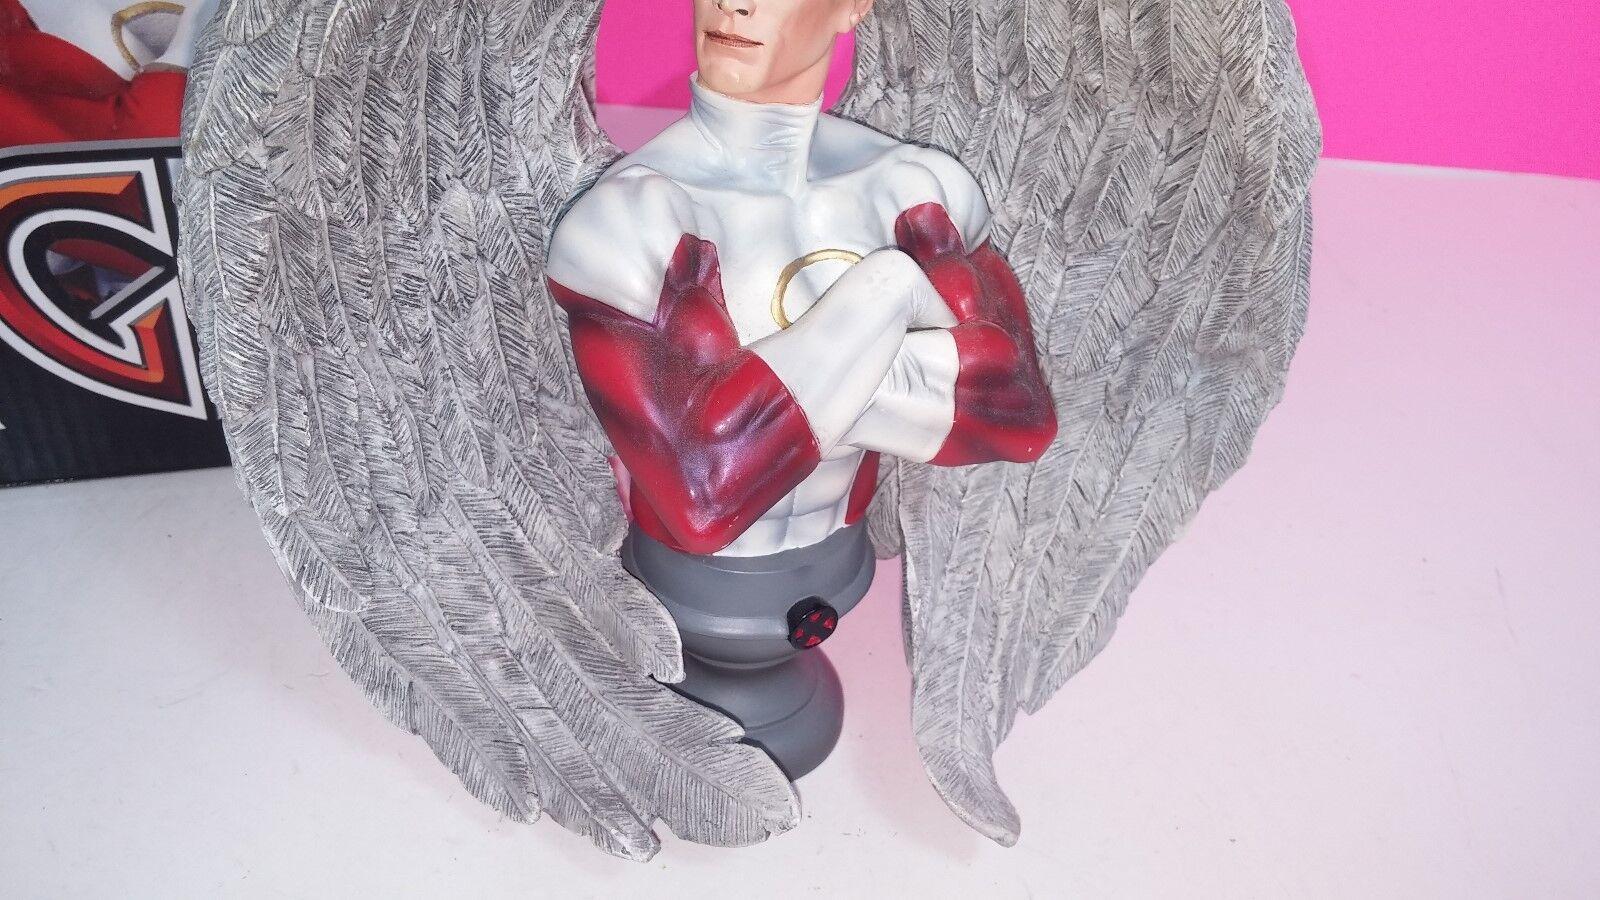 Marvel Universe Diamond X-Men Angel Angel Angel Mini Bust Statue Figurine  2500 Limited b171c8